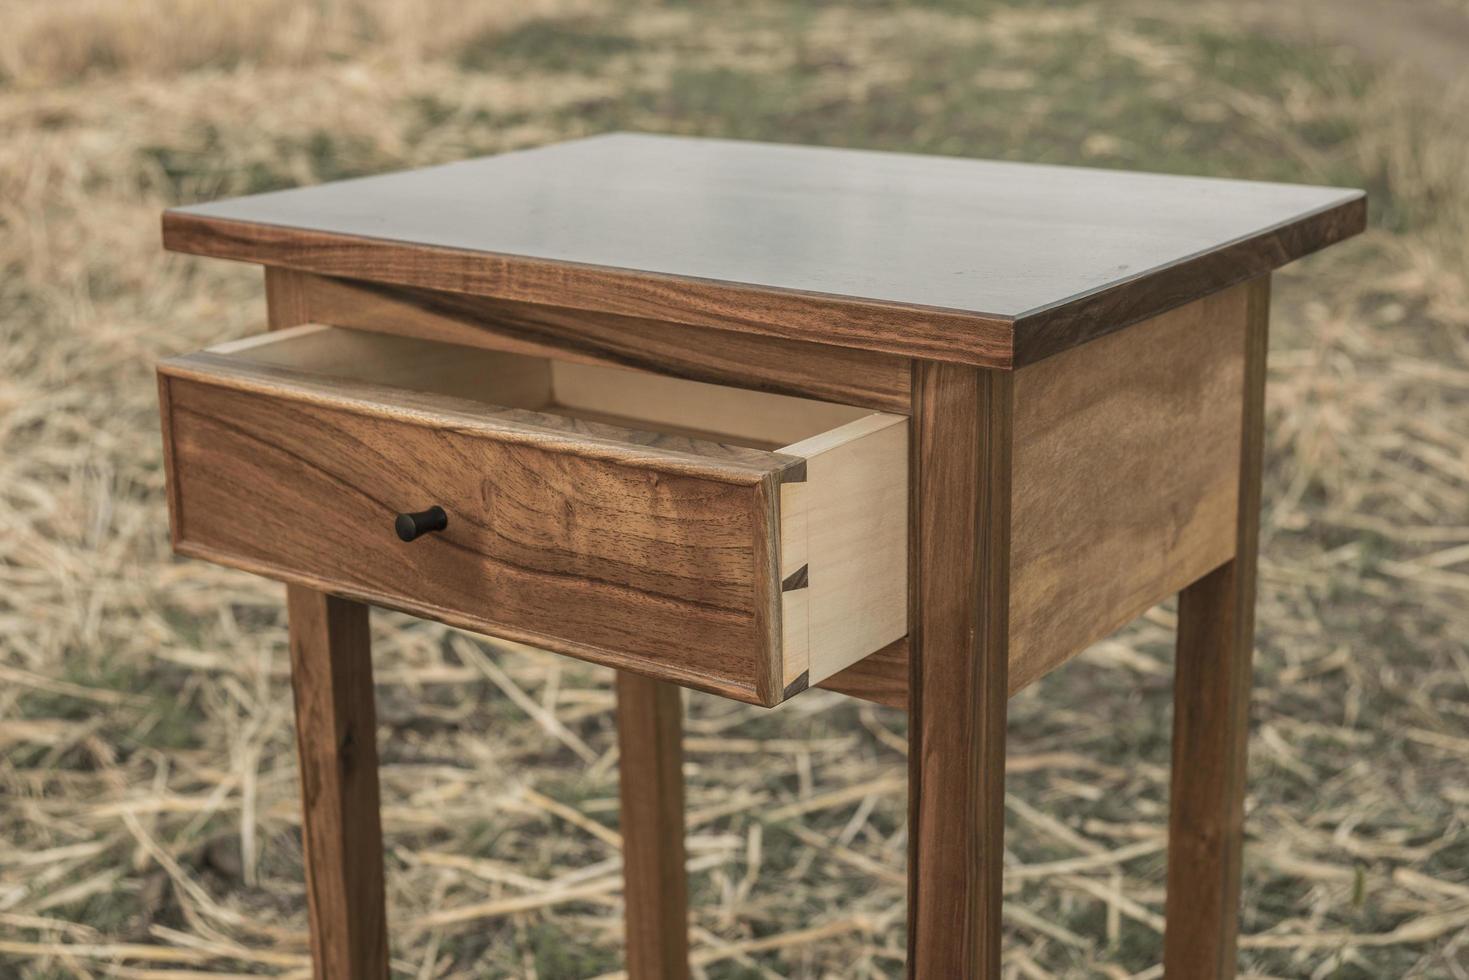 una mesa auxiliar de nogal en un campo de trigo en cola de milano foto